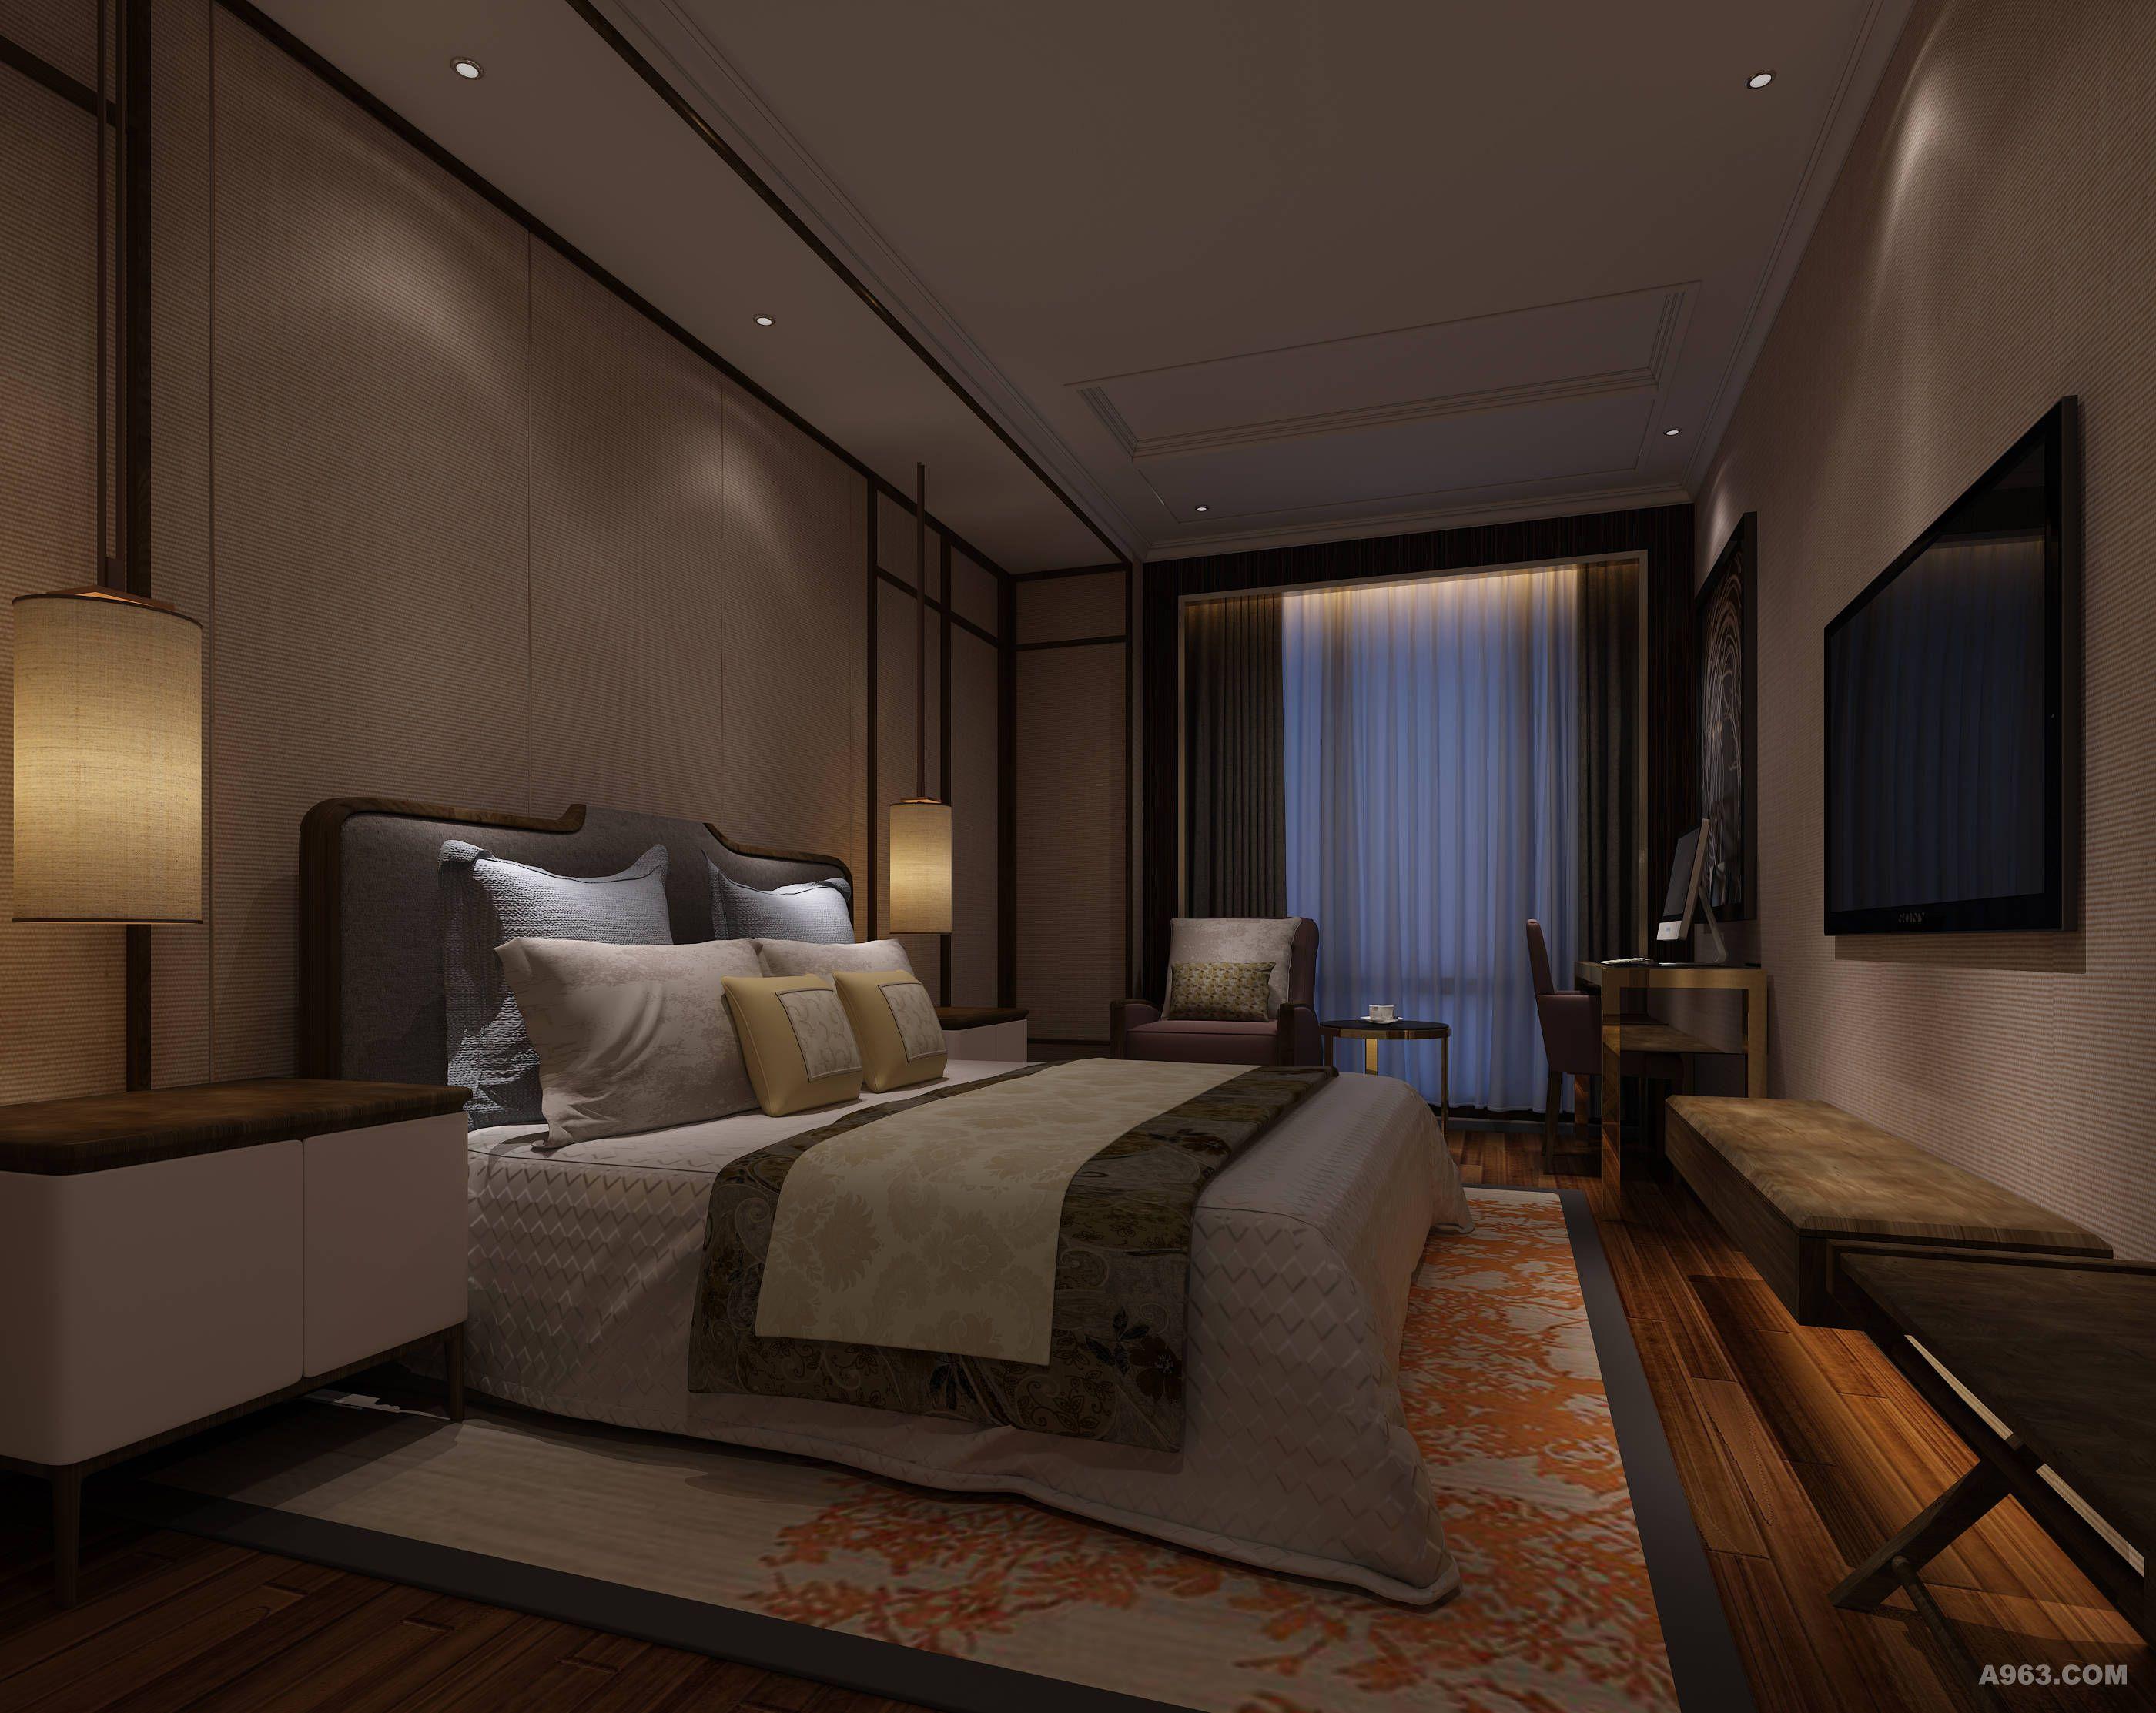 """本案设计秉承着""""礼、尊、和、达""""四个核心概念,以地域文化为脉,以东方文化为神,结合现代元素的时尚与潮流,进行重组、整合、创新,抽离出特有的文化脉络。简约的现代空间与东方元素的抽象剥离,让整个空间蕴含着大气深邃的东方意境。 酒店大堂设计笔法极淡,色调极简,以灰色大理石、木色隔断、杏色麻面墙布为主要材料;玫瑰金不锈钢条的点缀打破了传统空间的呆板沉闷,青色瓦片的穿插又将人带入一段历史,一段回忆。纵向木条以及肌理涂料相互映衬,配合着柔美的光影,像是在谱写一曲曼妙优美的古曲,让人不得不被这幽"""